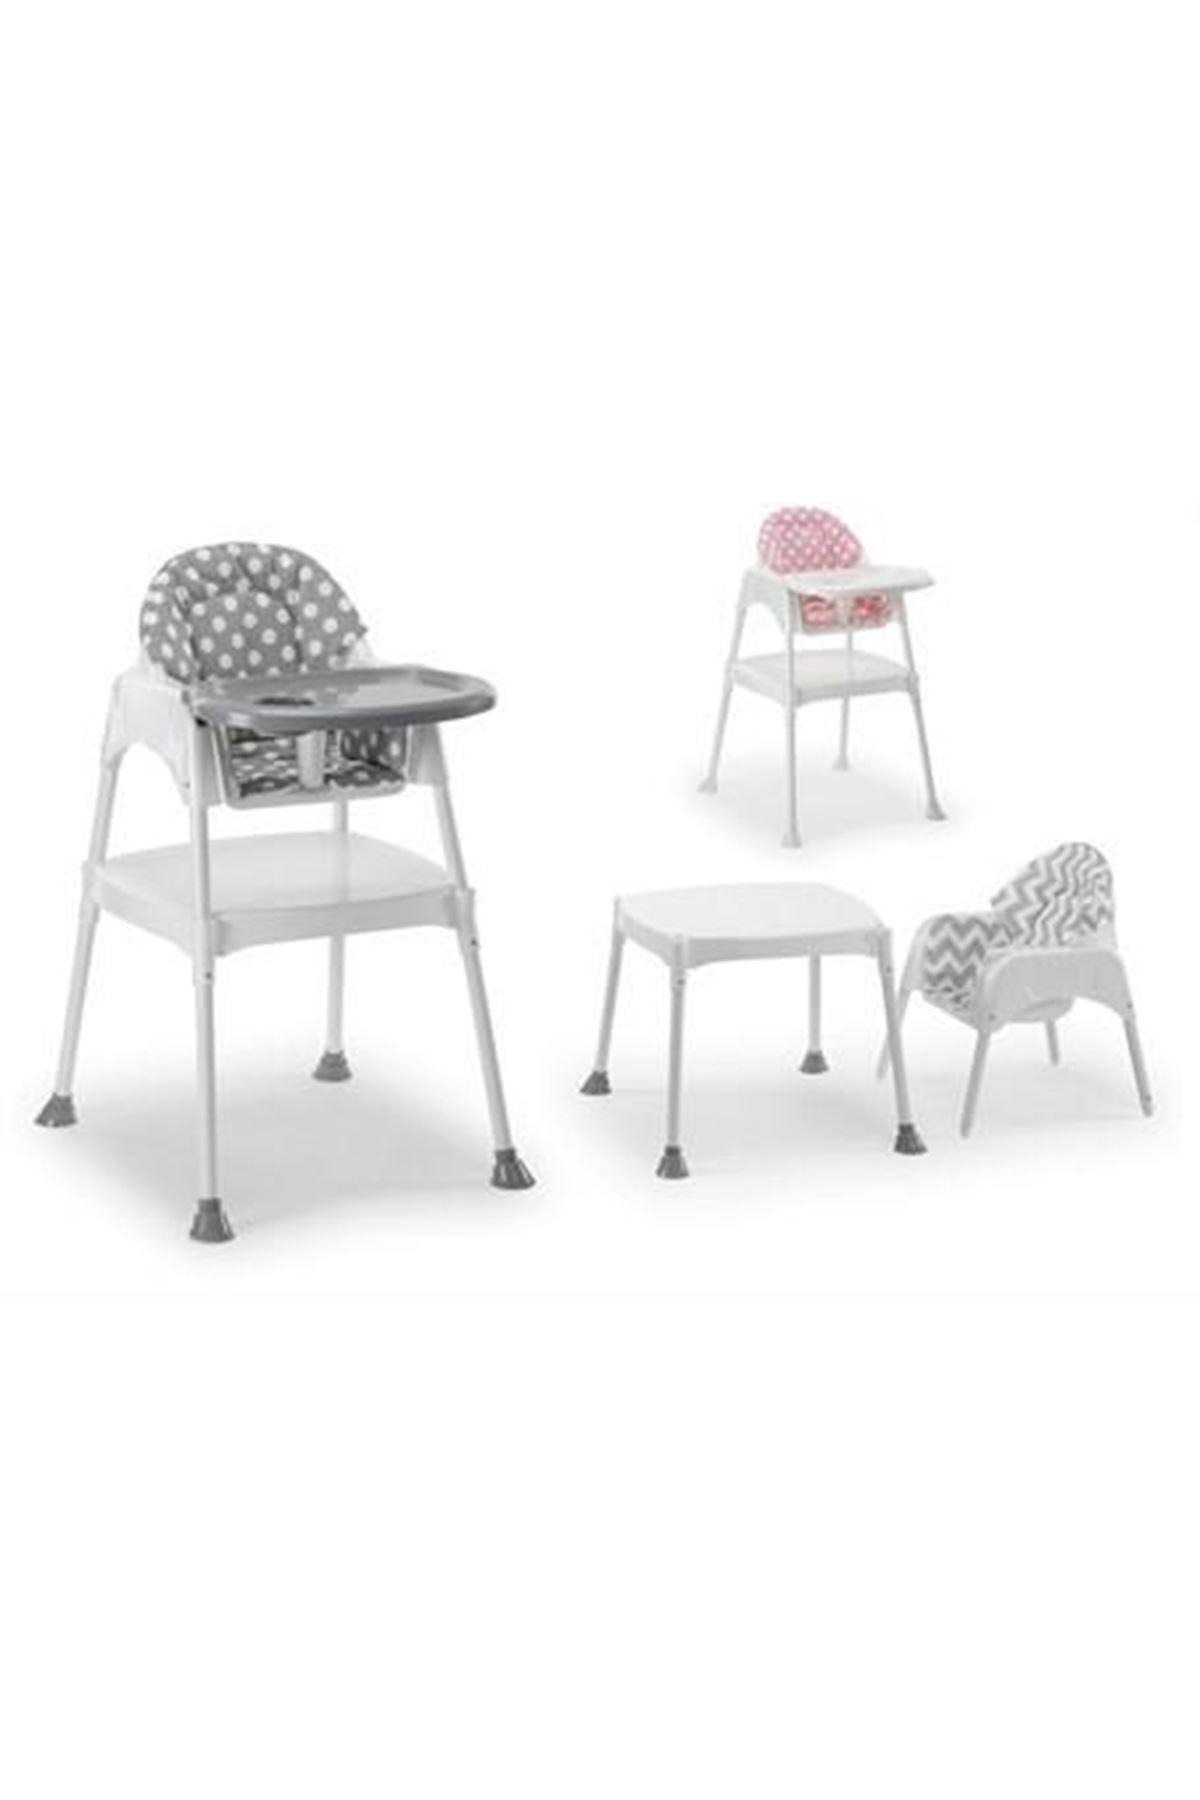 Moje Çalışma Masalı Portatif Mama Sandalyesi (Minderli Set) Gri